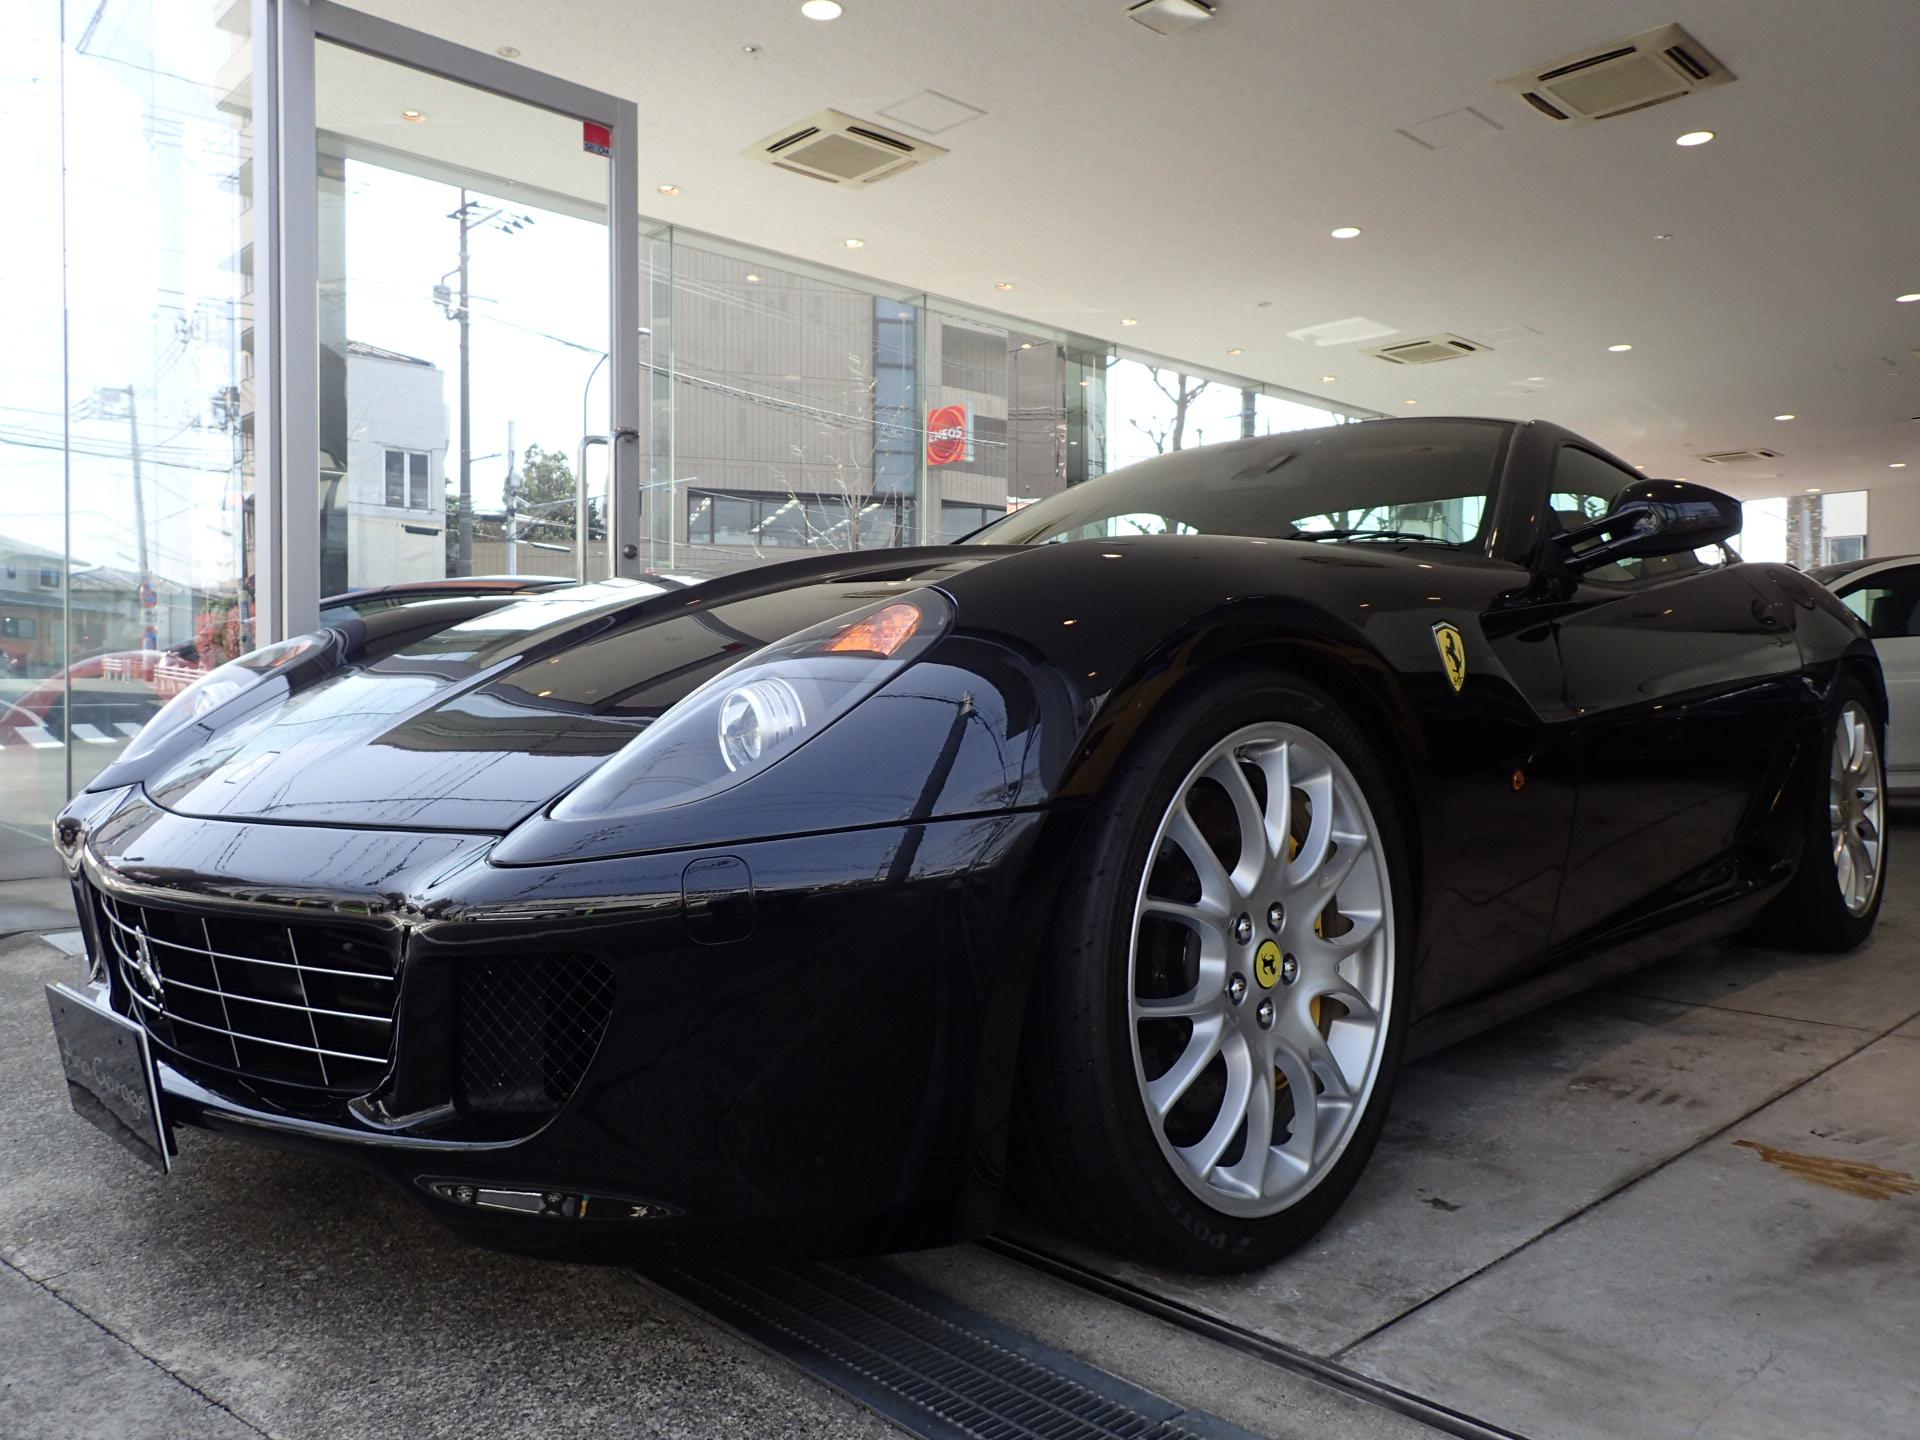 Ferrari Used Cars Japan Ideasplataforma Com